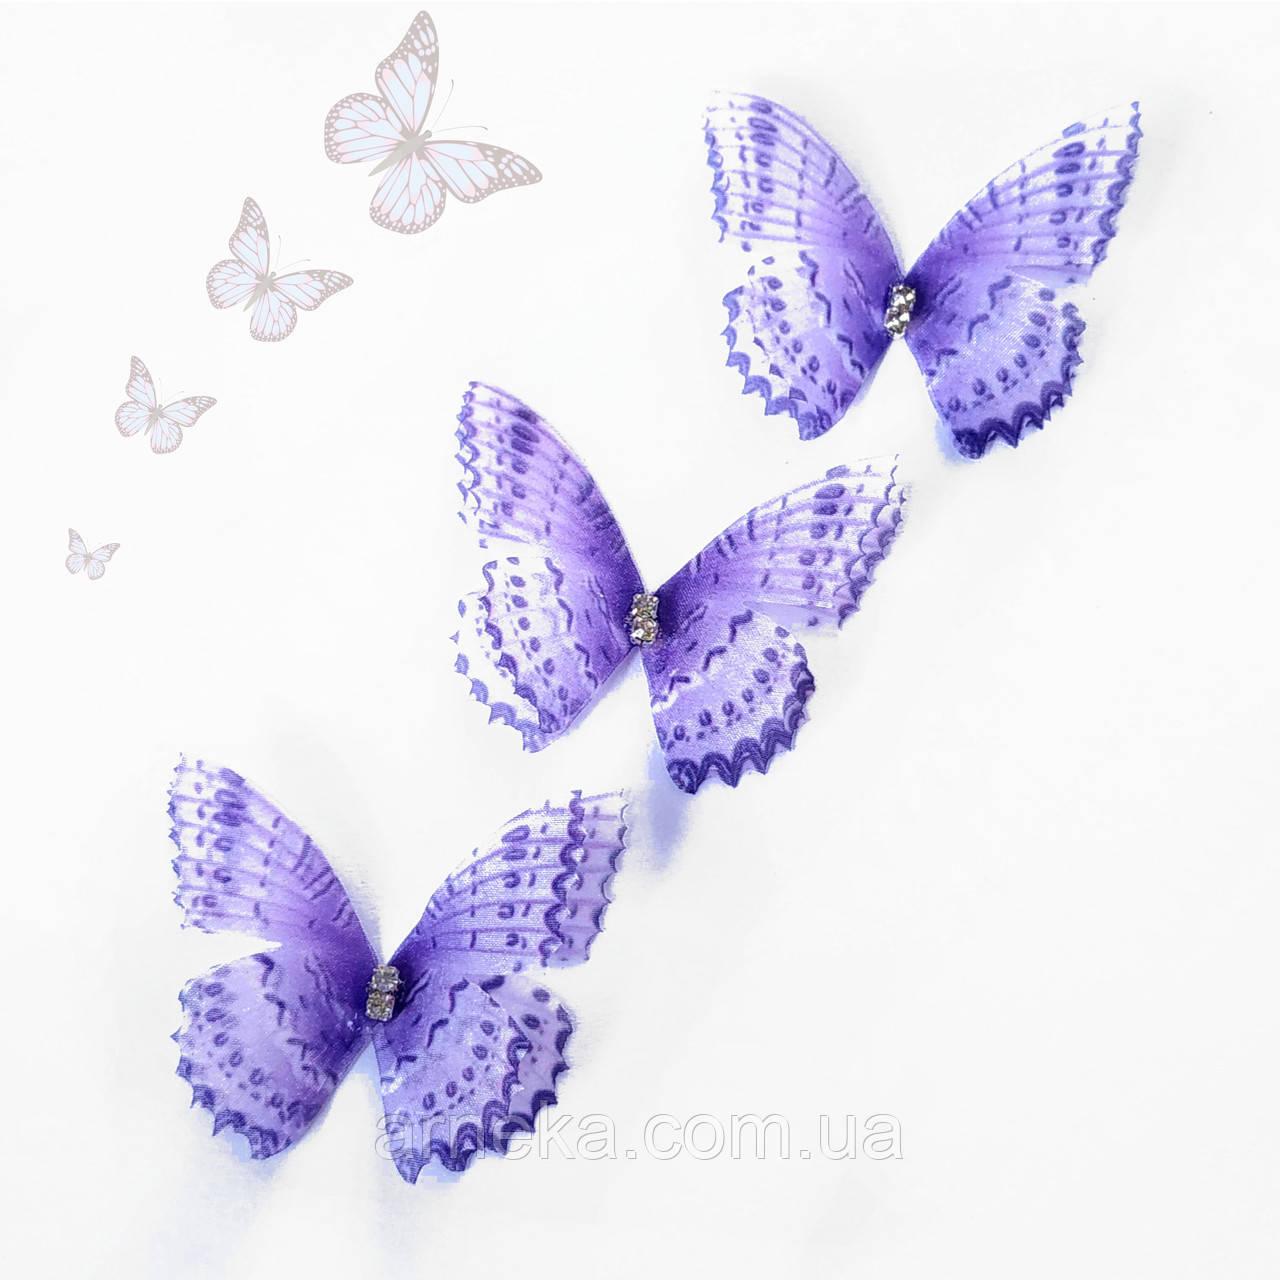 Метелик шифоновий, подвійні крила, стрази